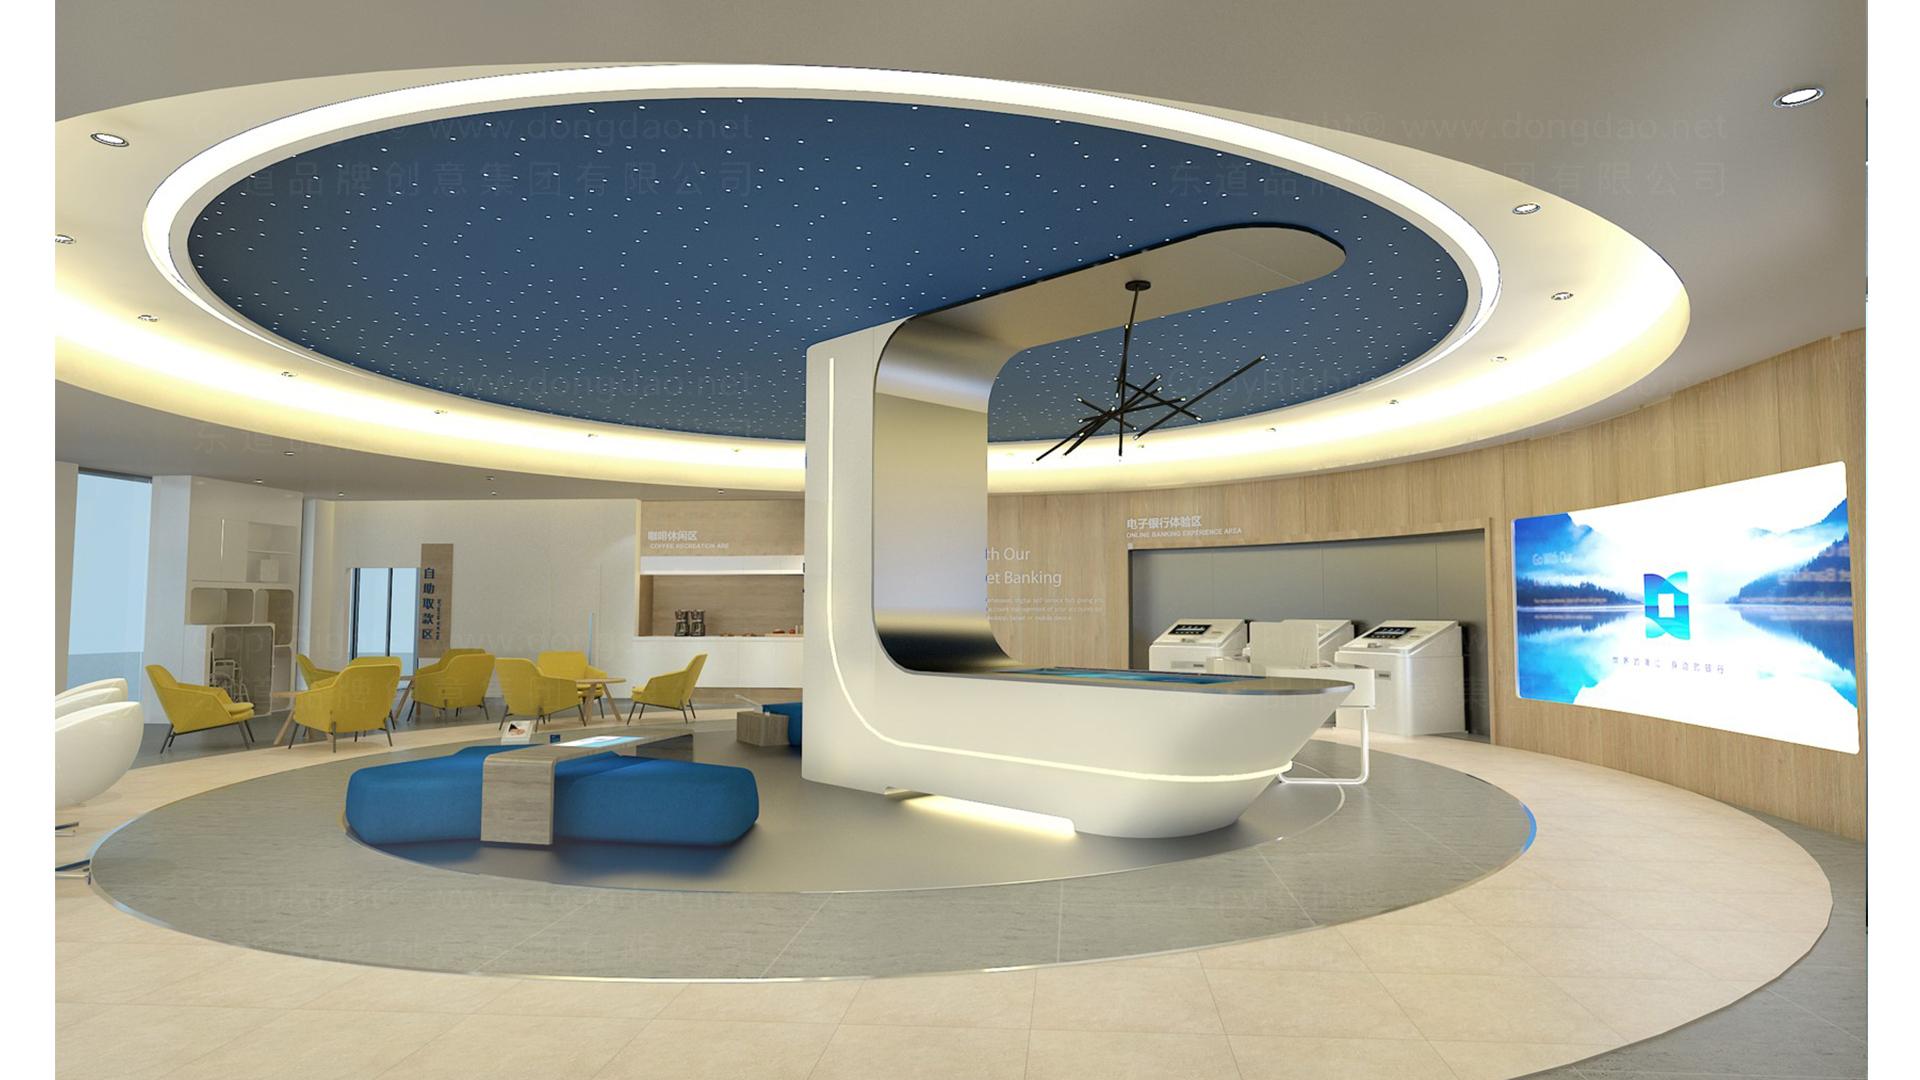 漓江银行环境空间设计